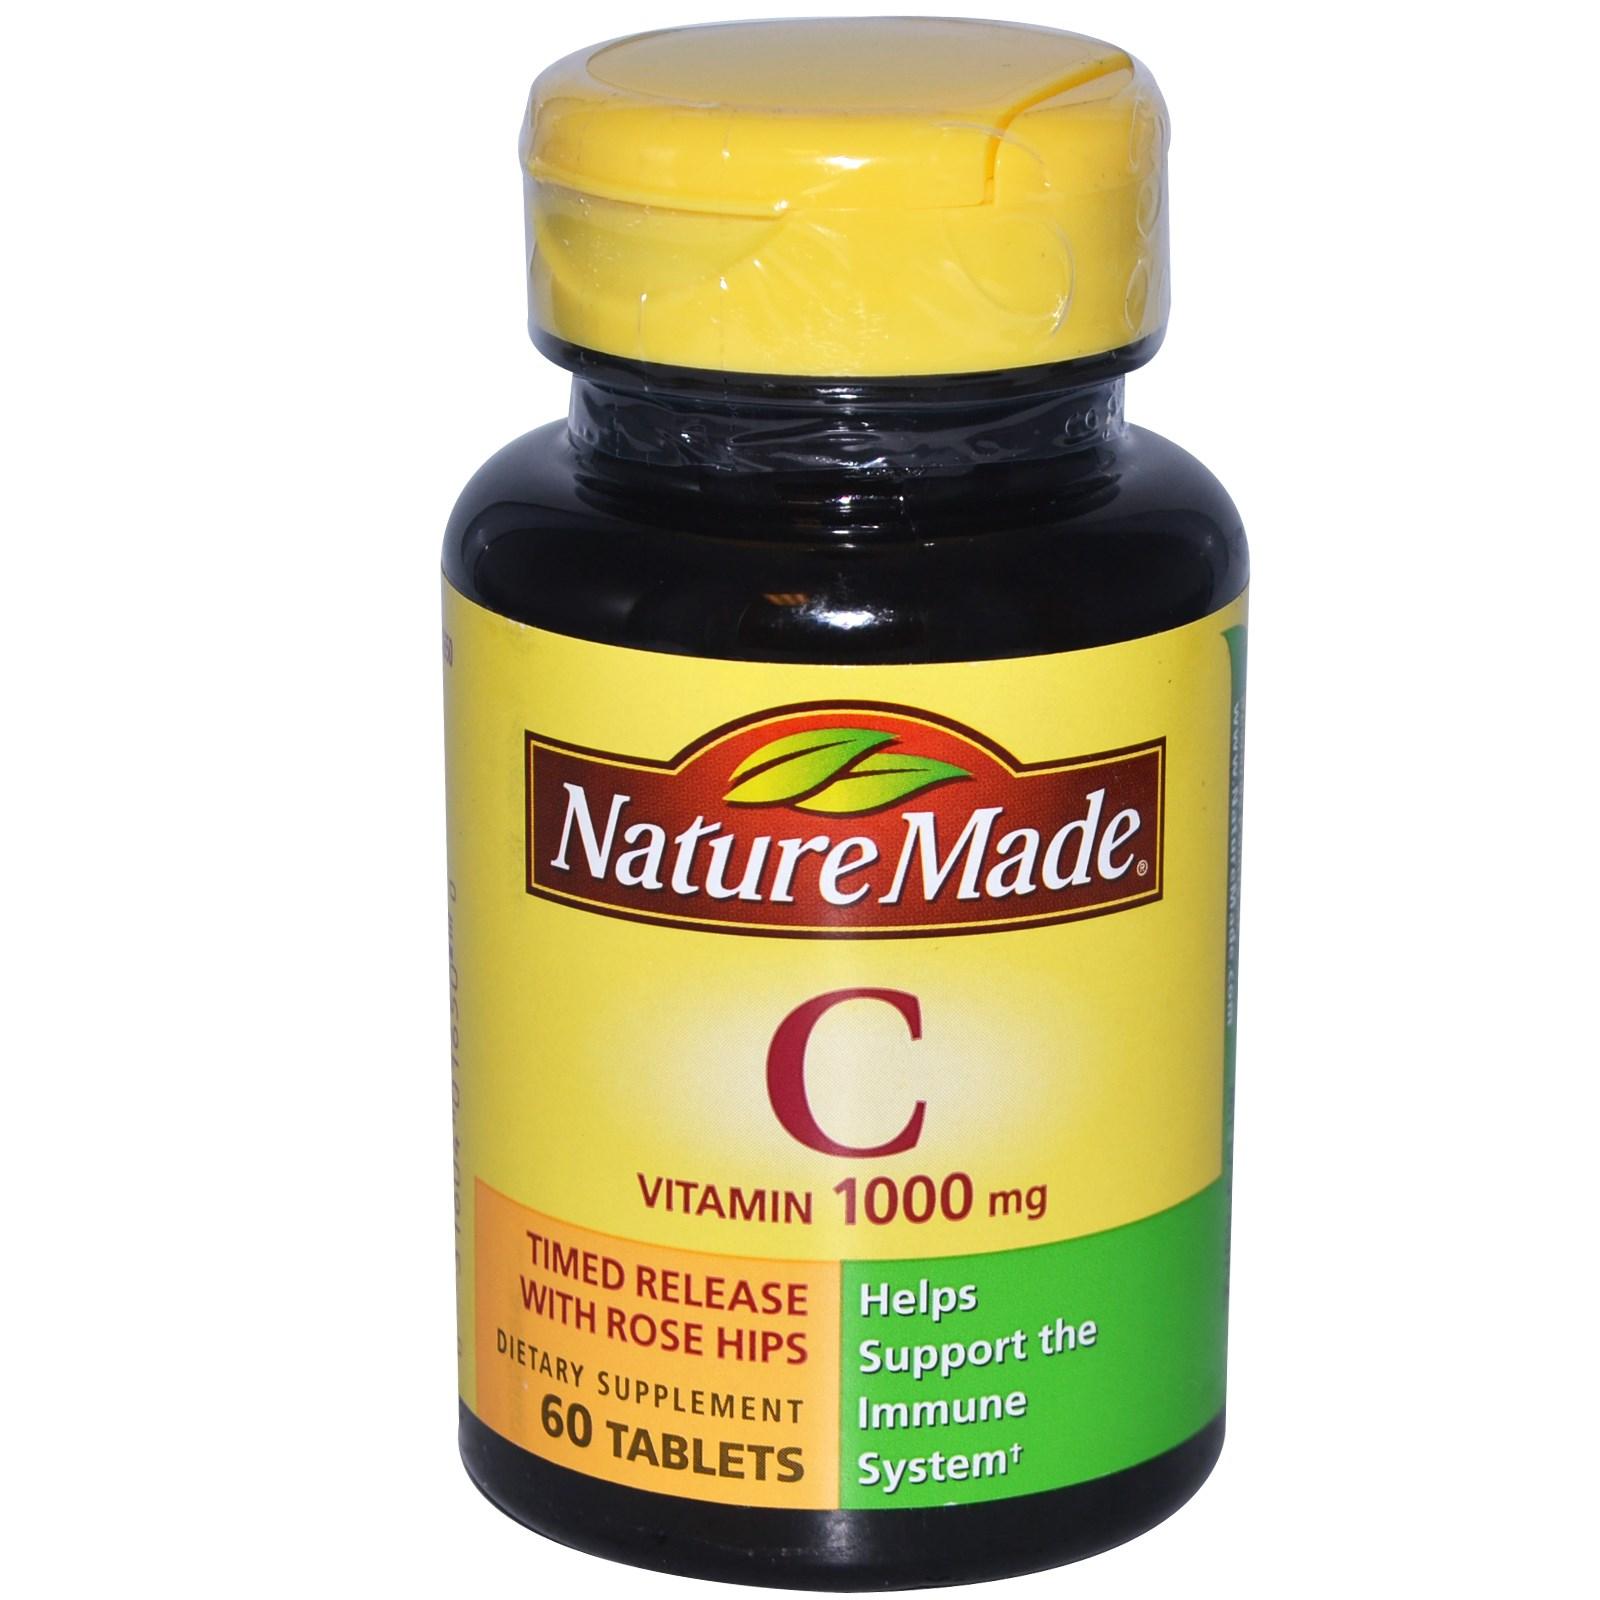 Vitamin C, 1000 mg, lọ 60 viên nén, hiệu Nature Made